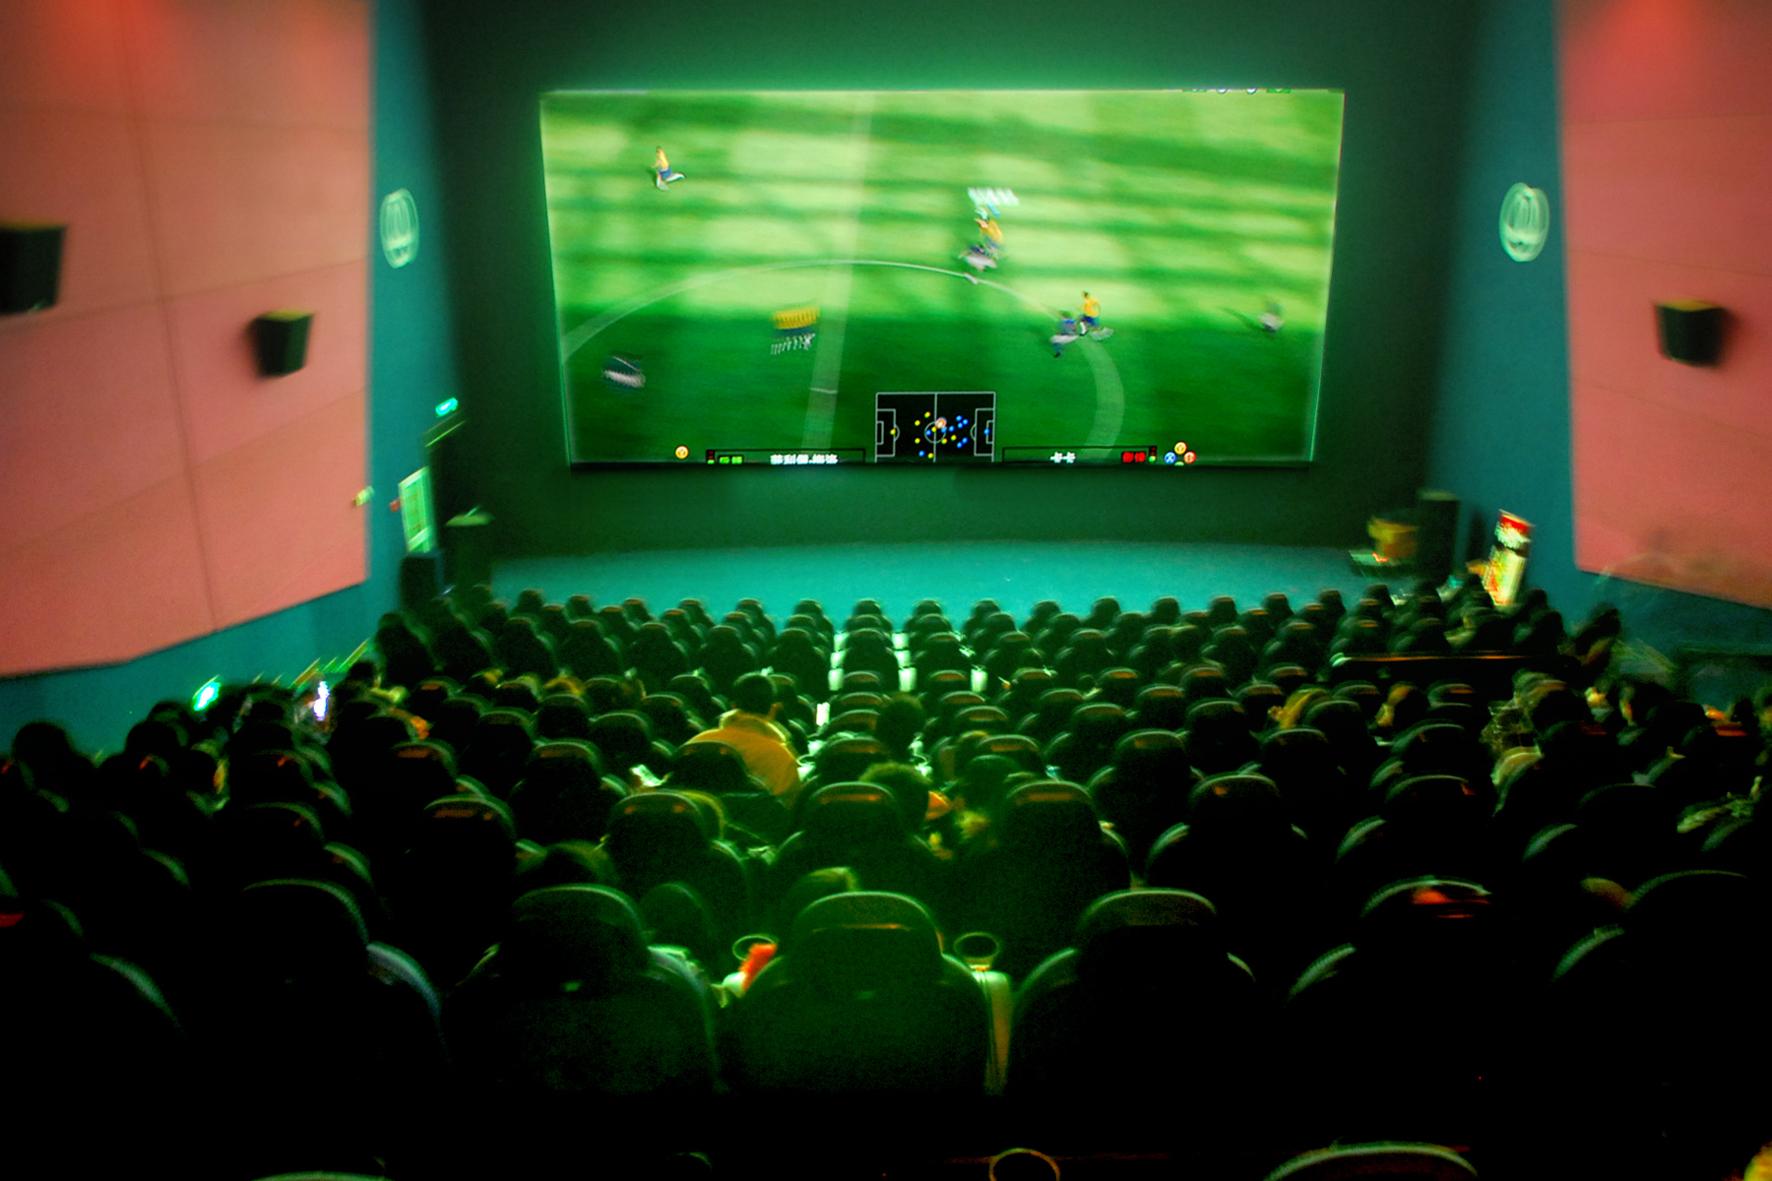 2010年2月6日,海泰国际多《实况足球》决赛大赛在天津万达电影影城适合小学生看的可乐或动画图片